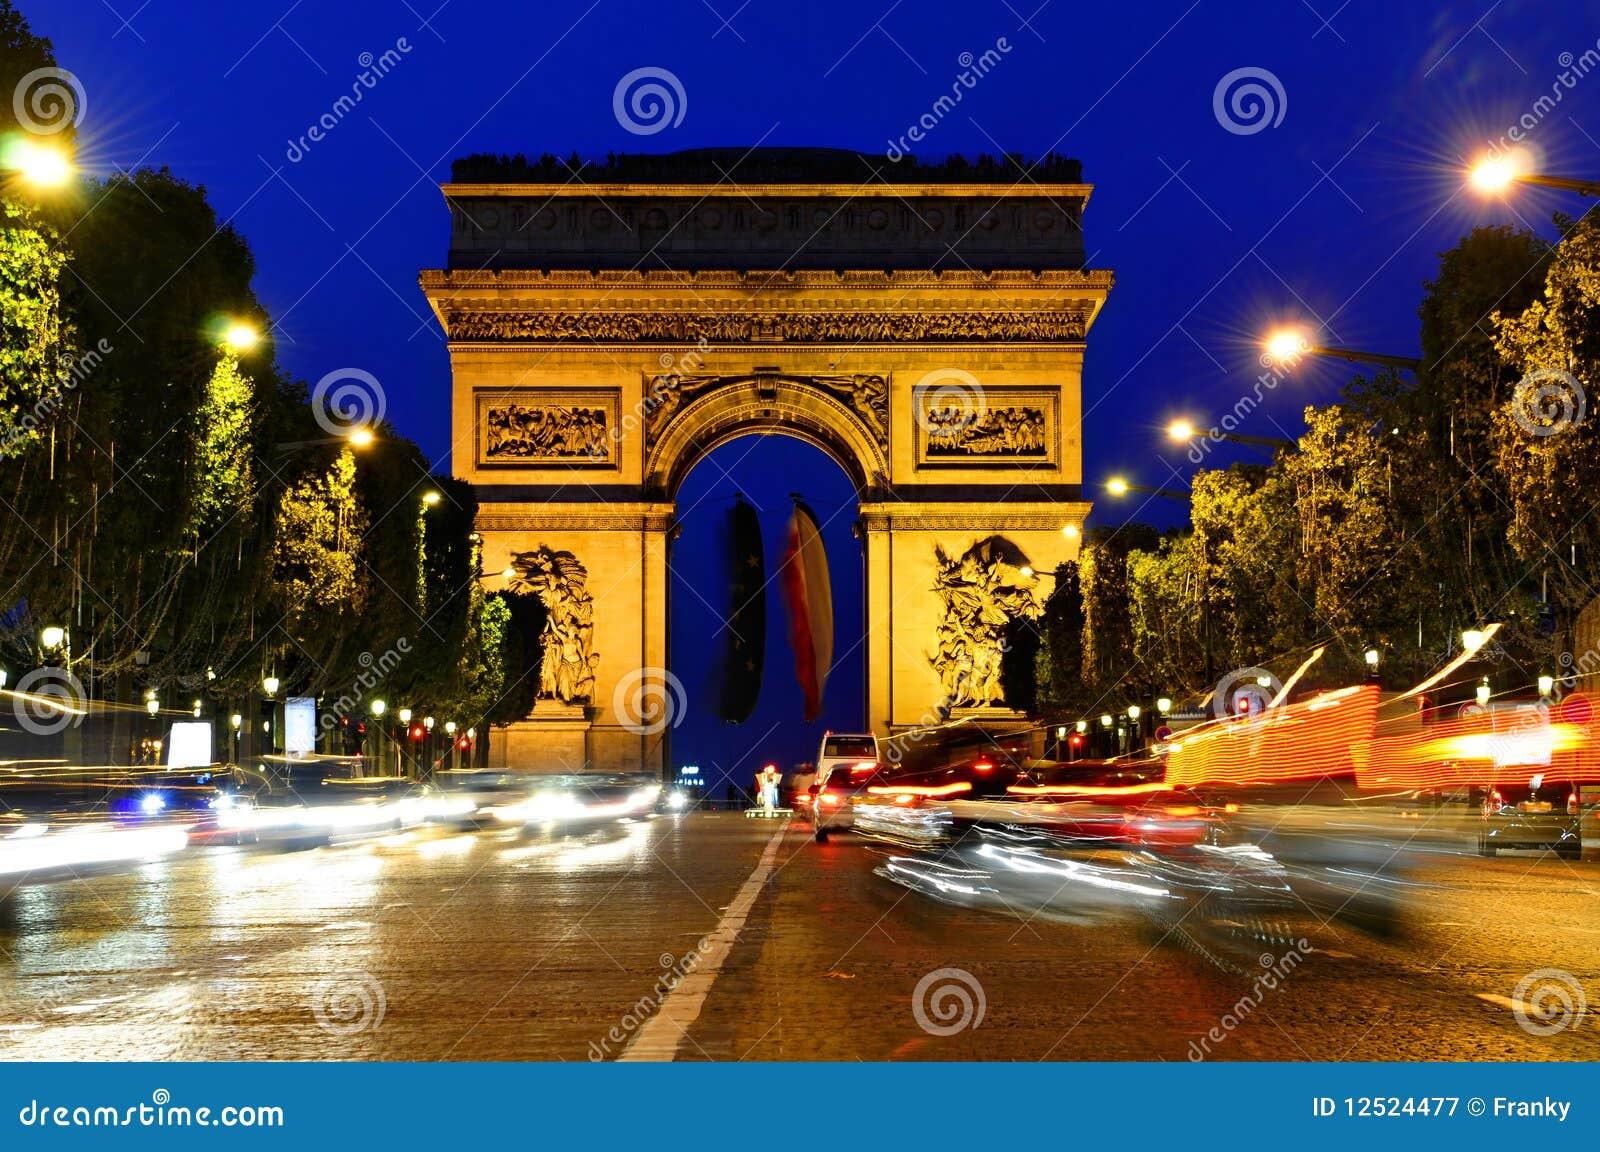 Arc de Triomphe - arco do triunfo, Paris, France